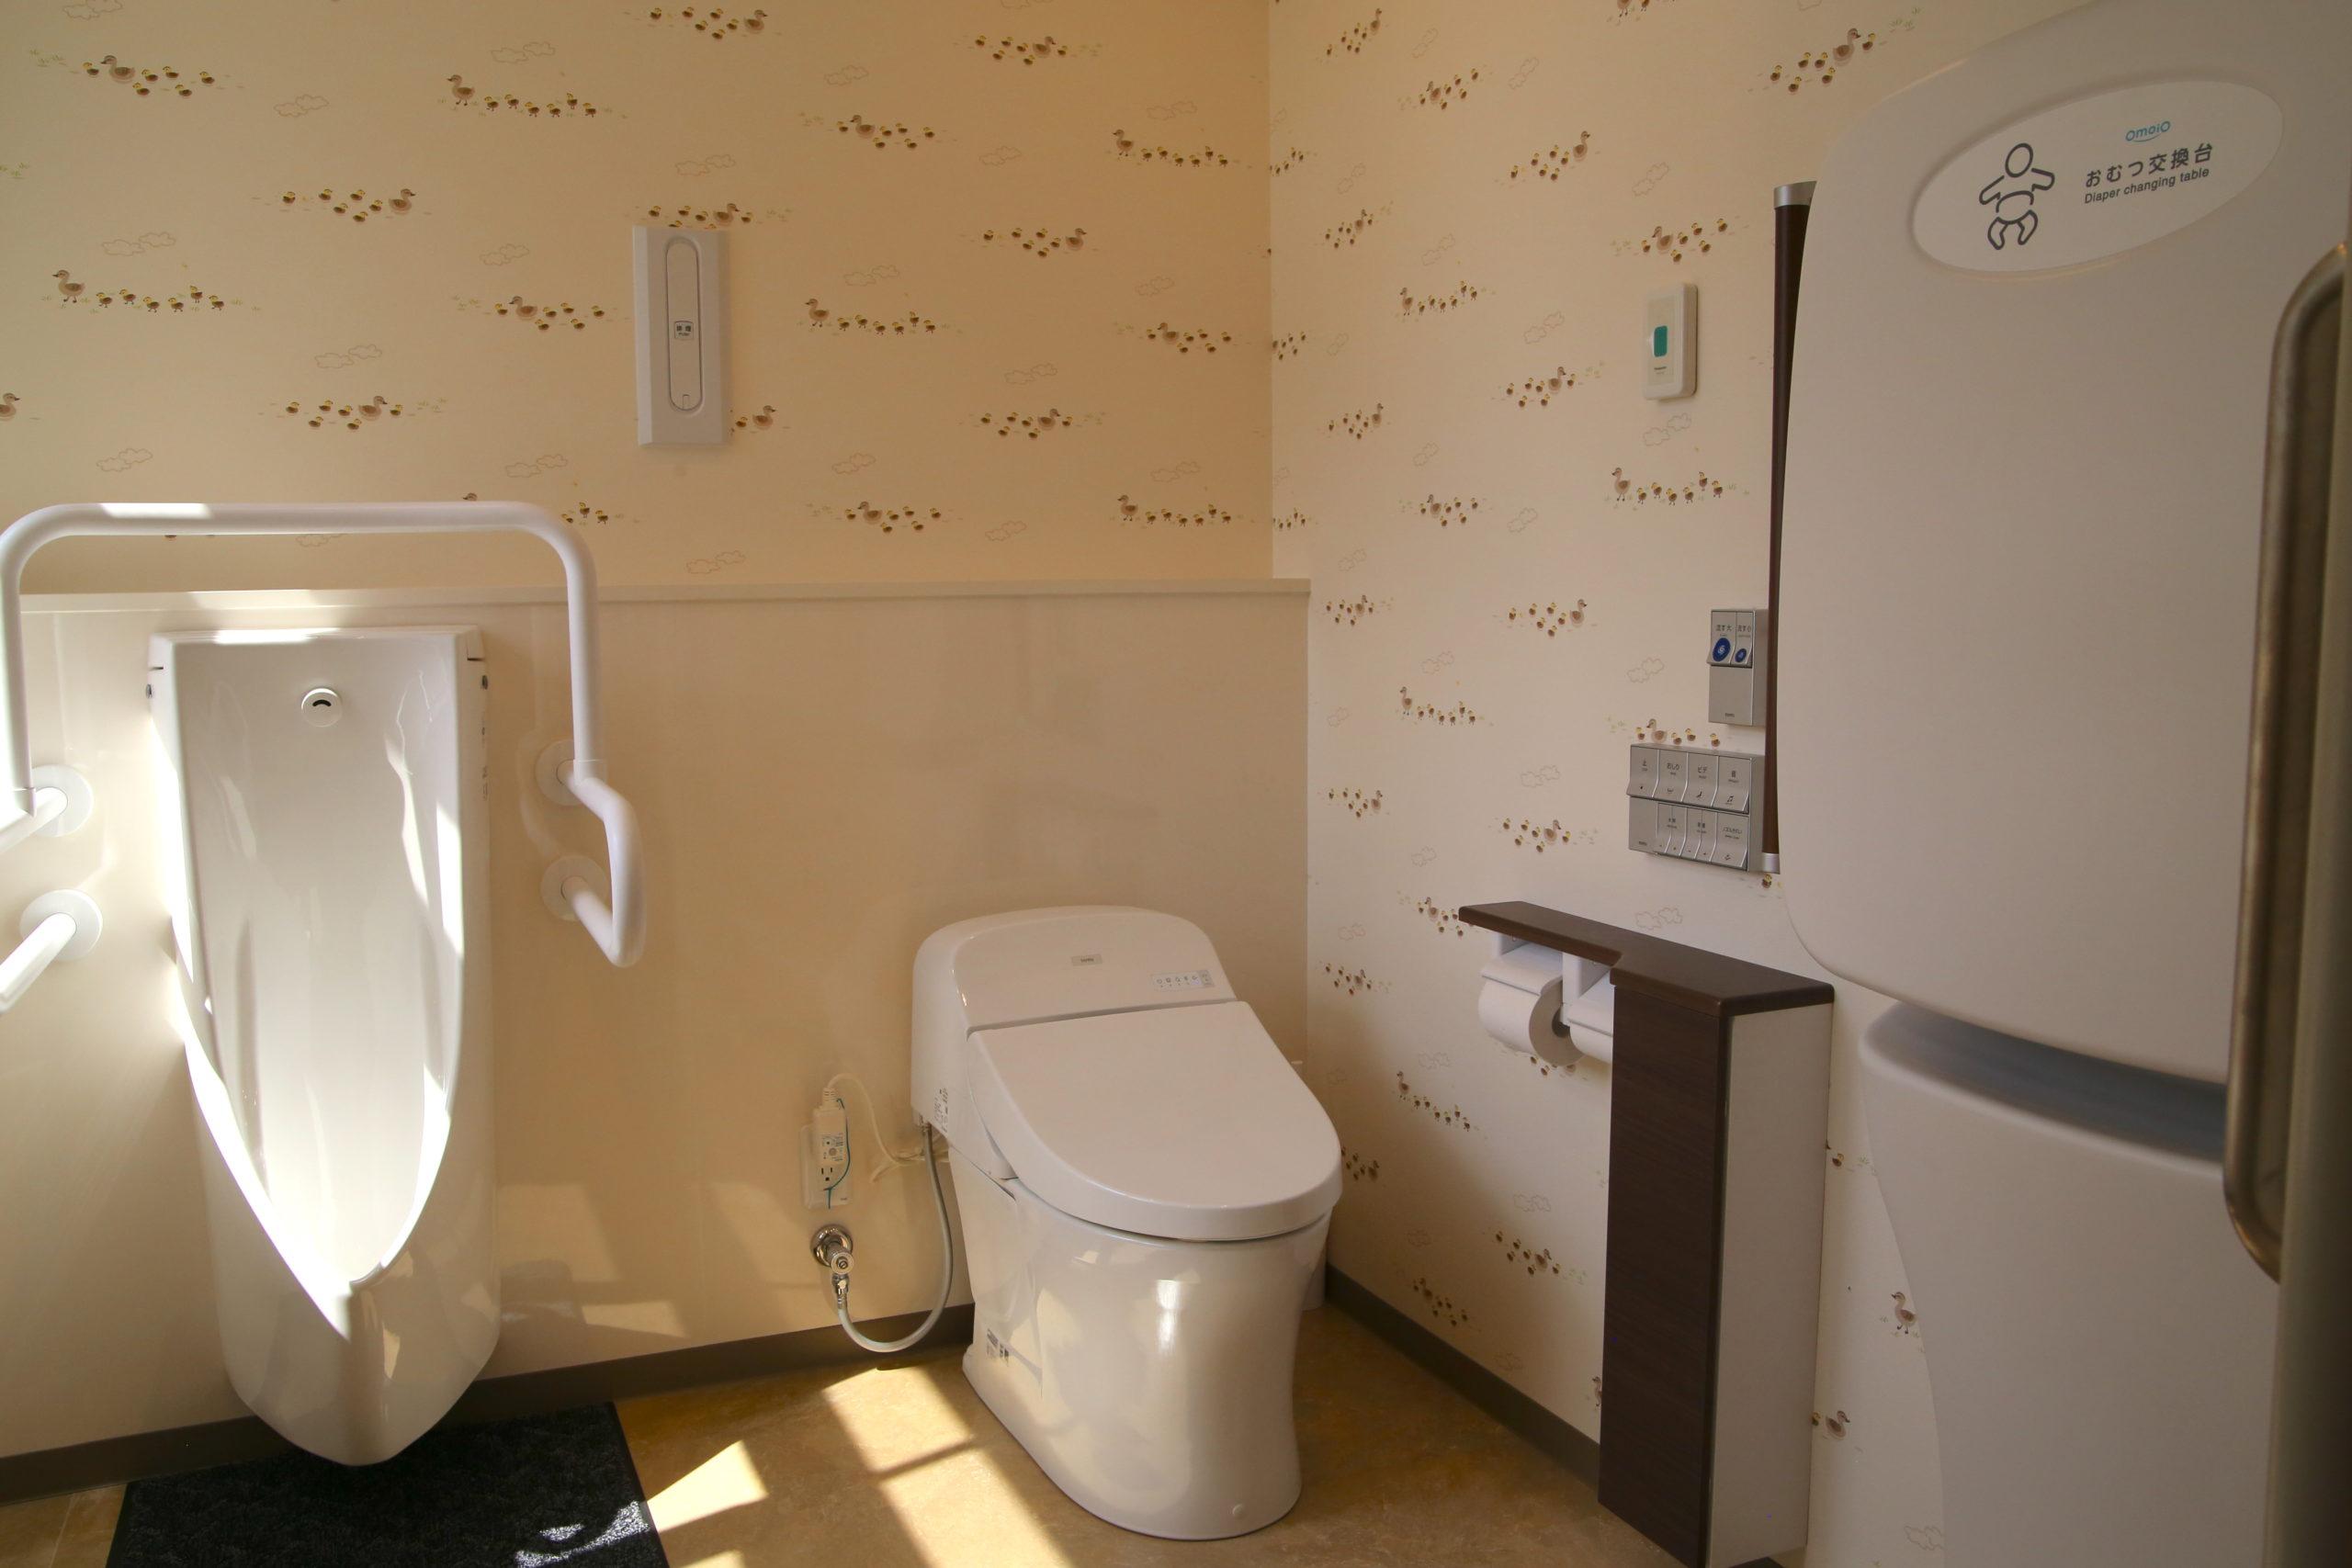 トイレ<br><font size=3>(オムツ交換台、<br>チェンジングボード付)</font>